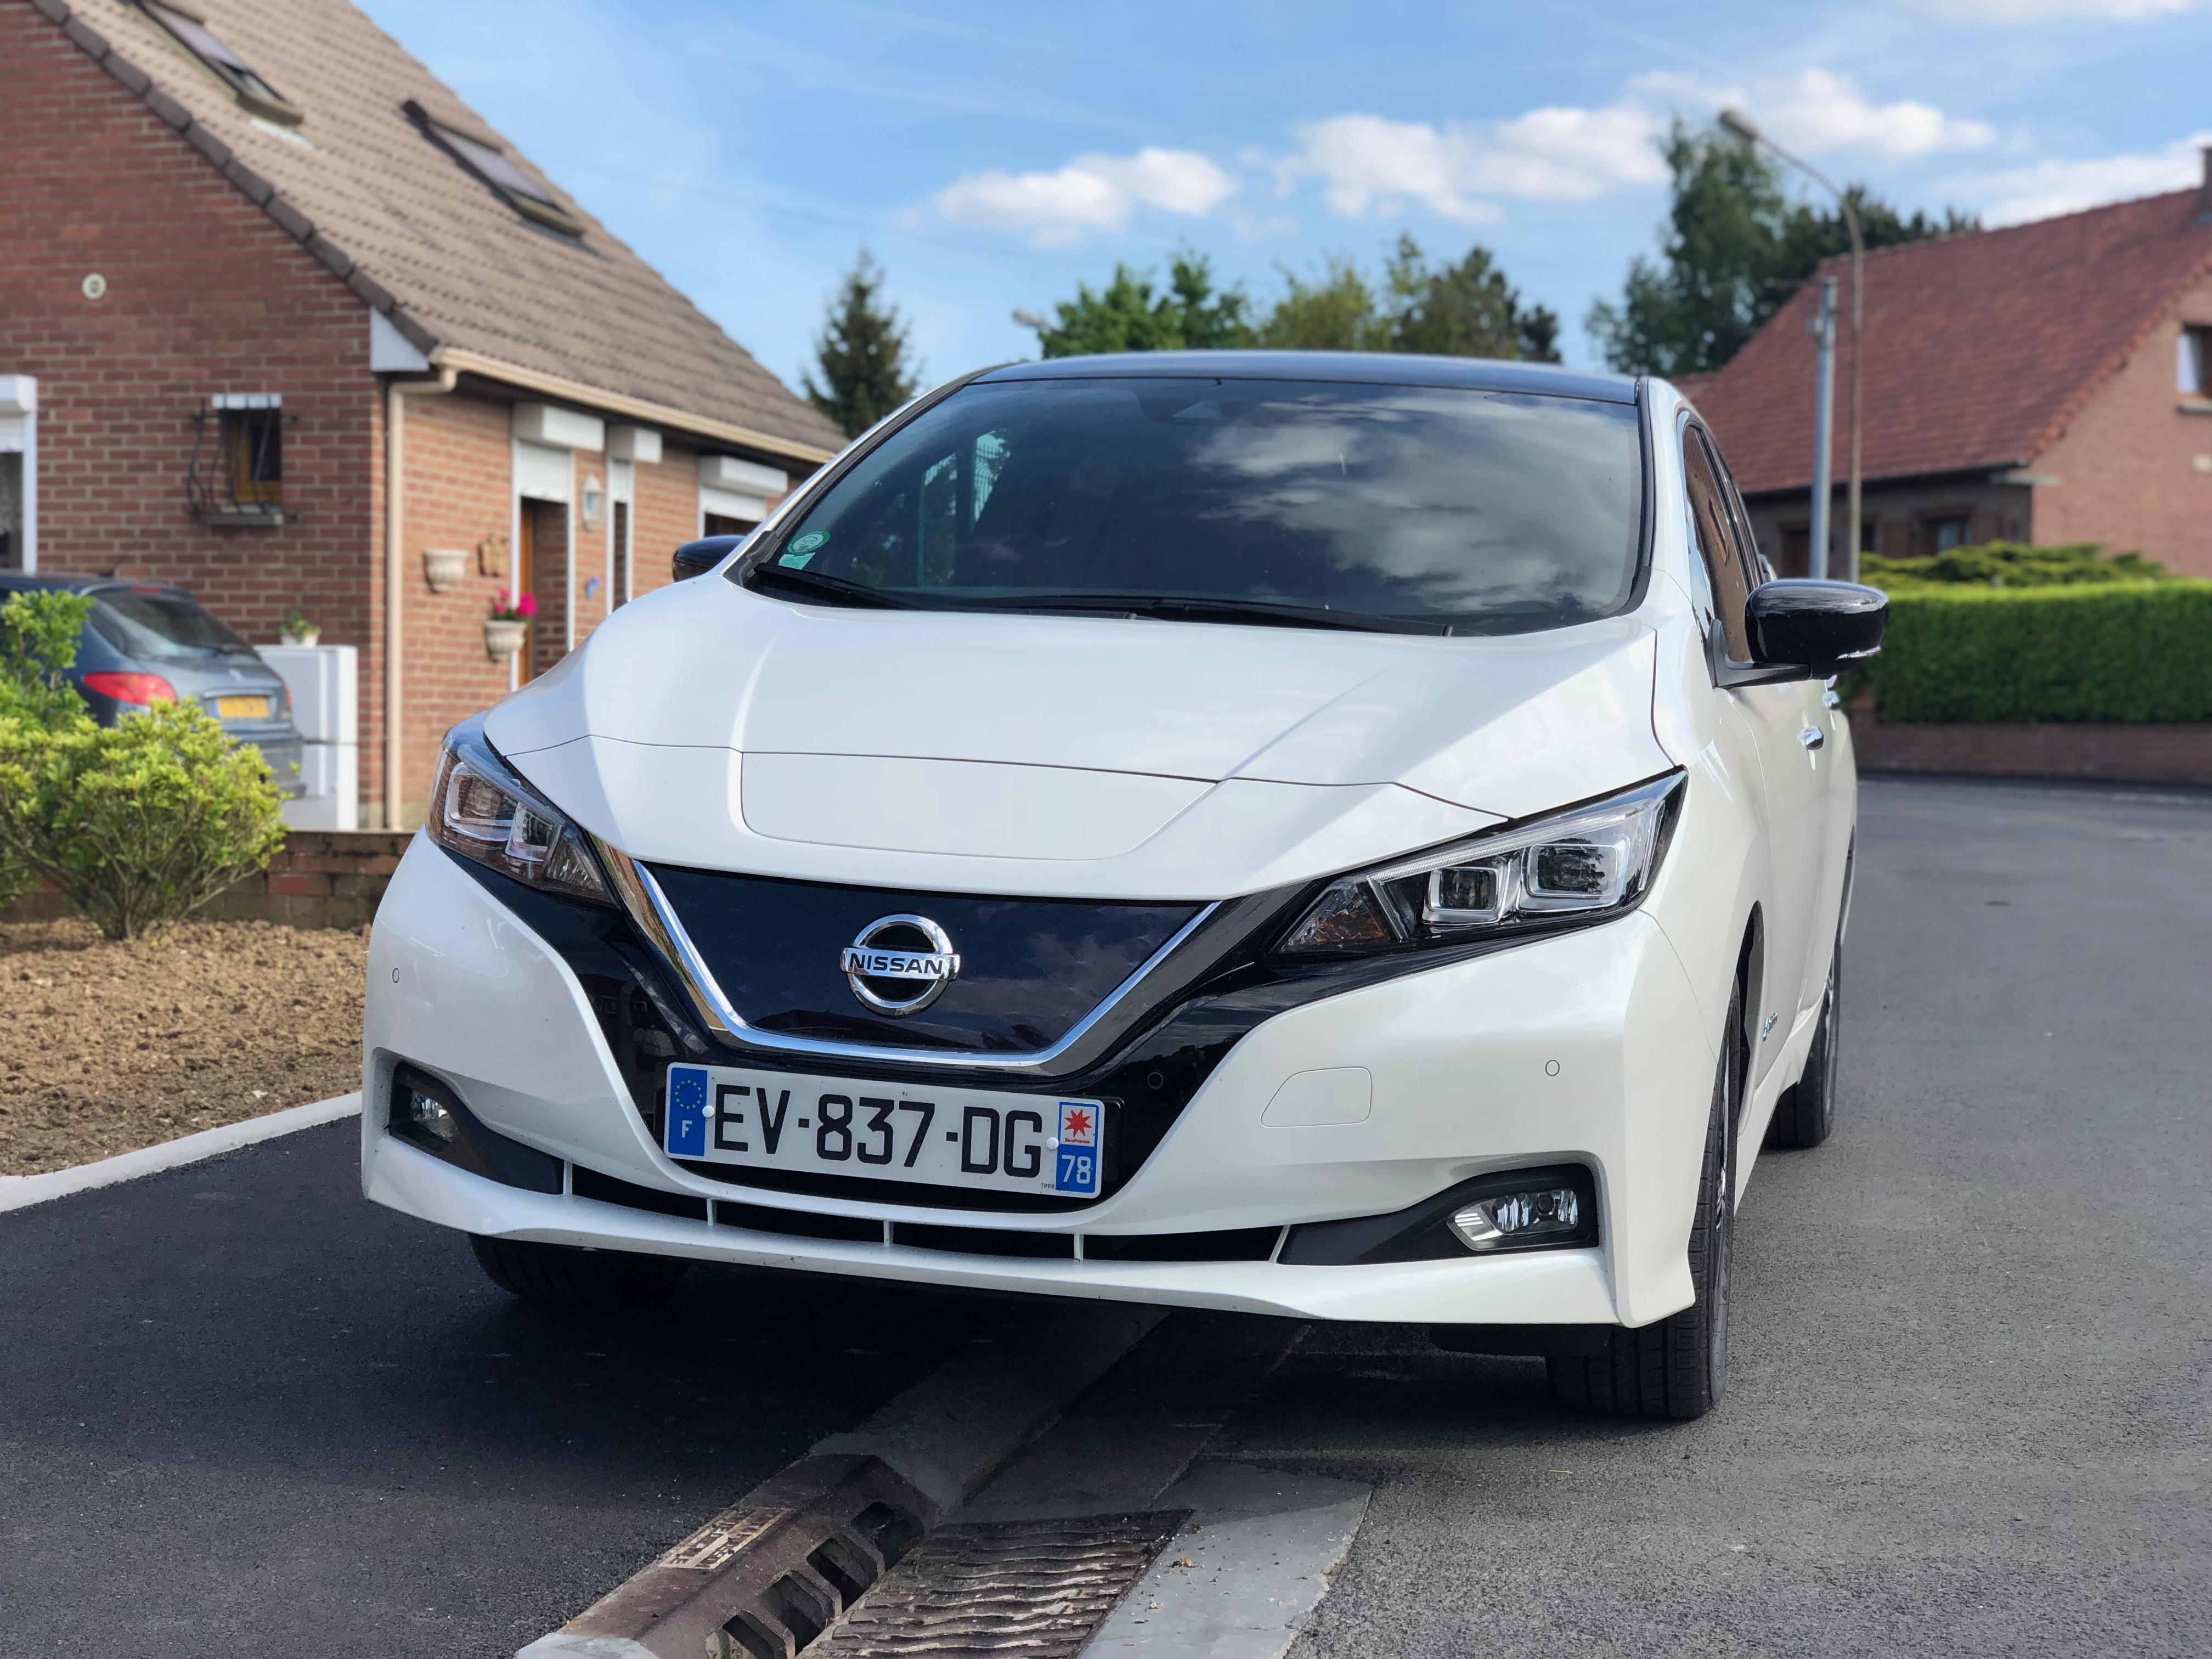 Semaine Avec Nissan De La 2Une Leaf Conduite Essai Seule 35AjRL4q